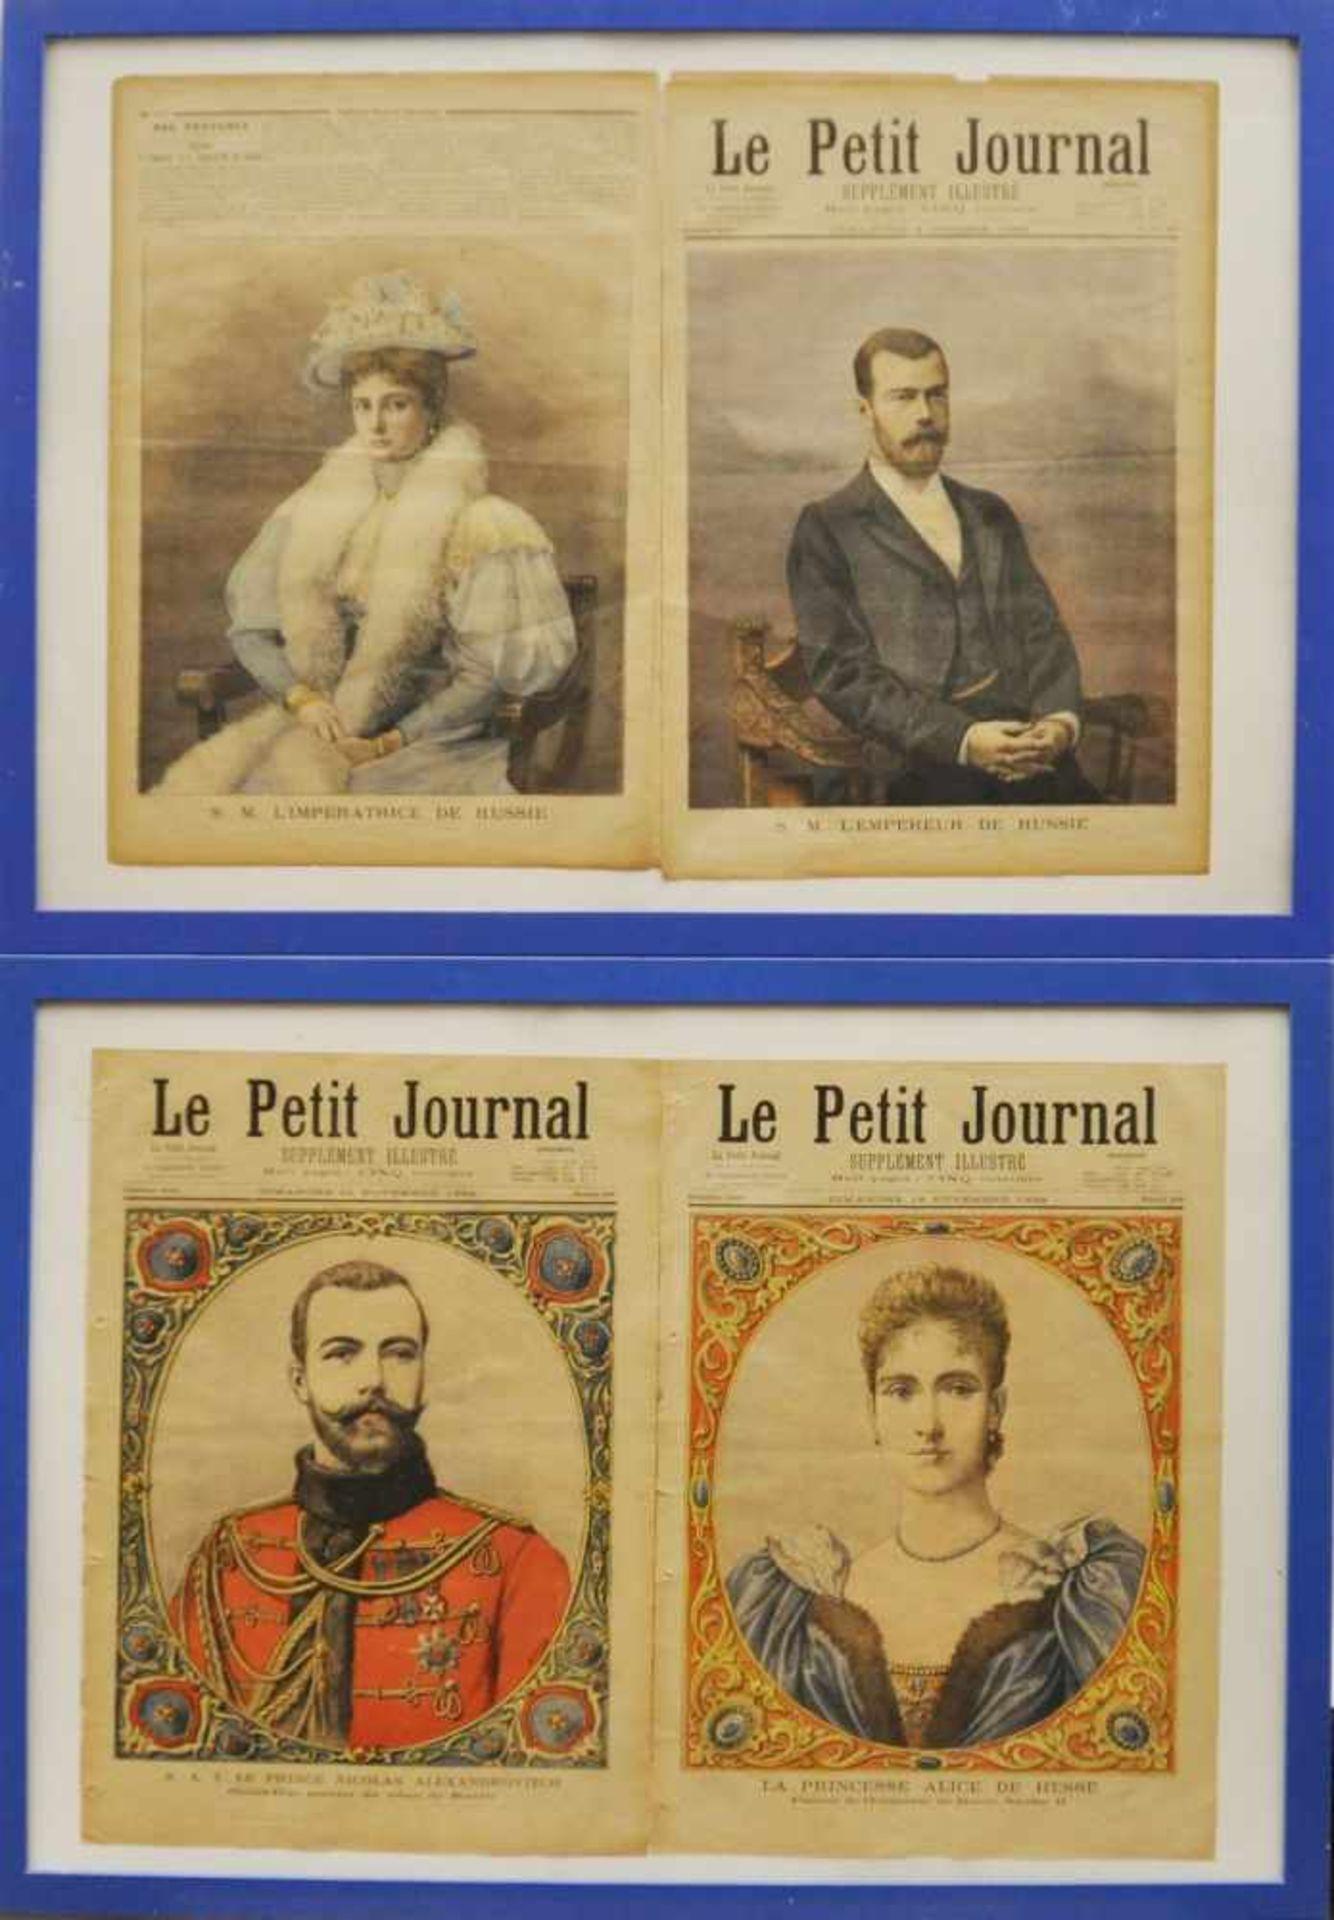 Los 4 - Le Petit Journal, Frankreich 1894/96,Abbildungen von Nicolas Androvitch und Alice von Hessen 1894